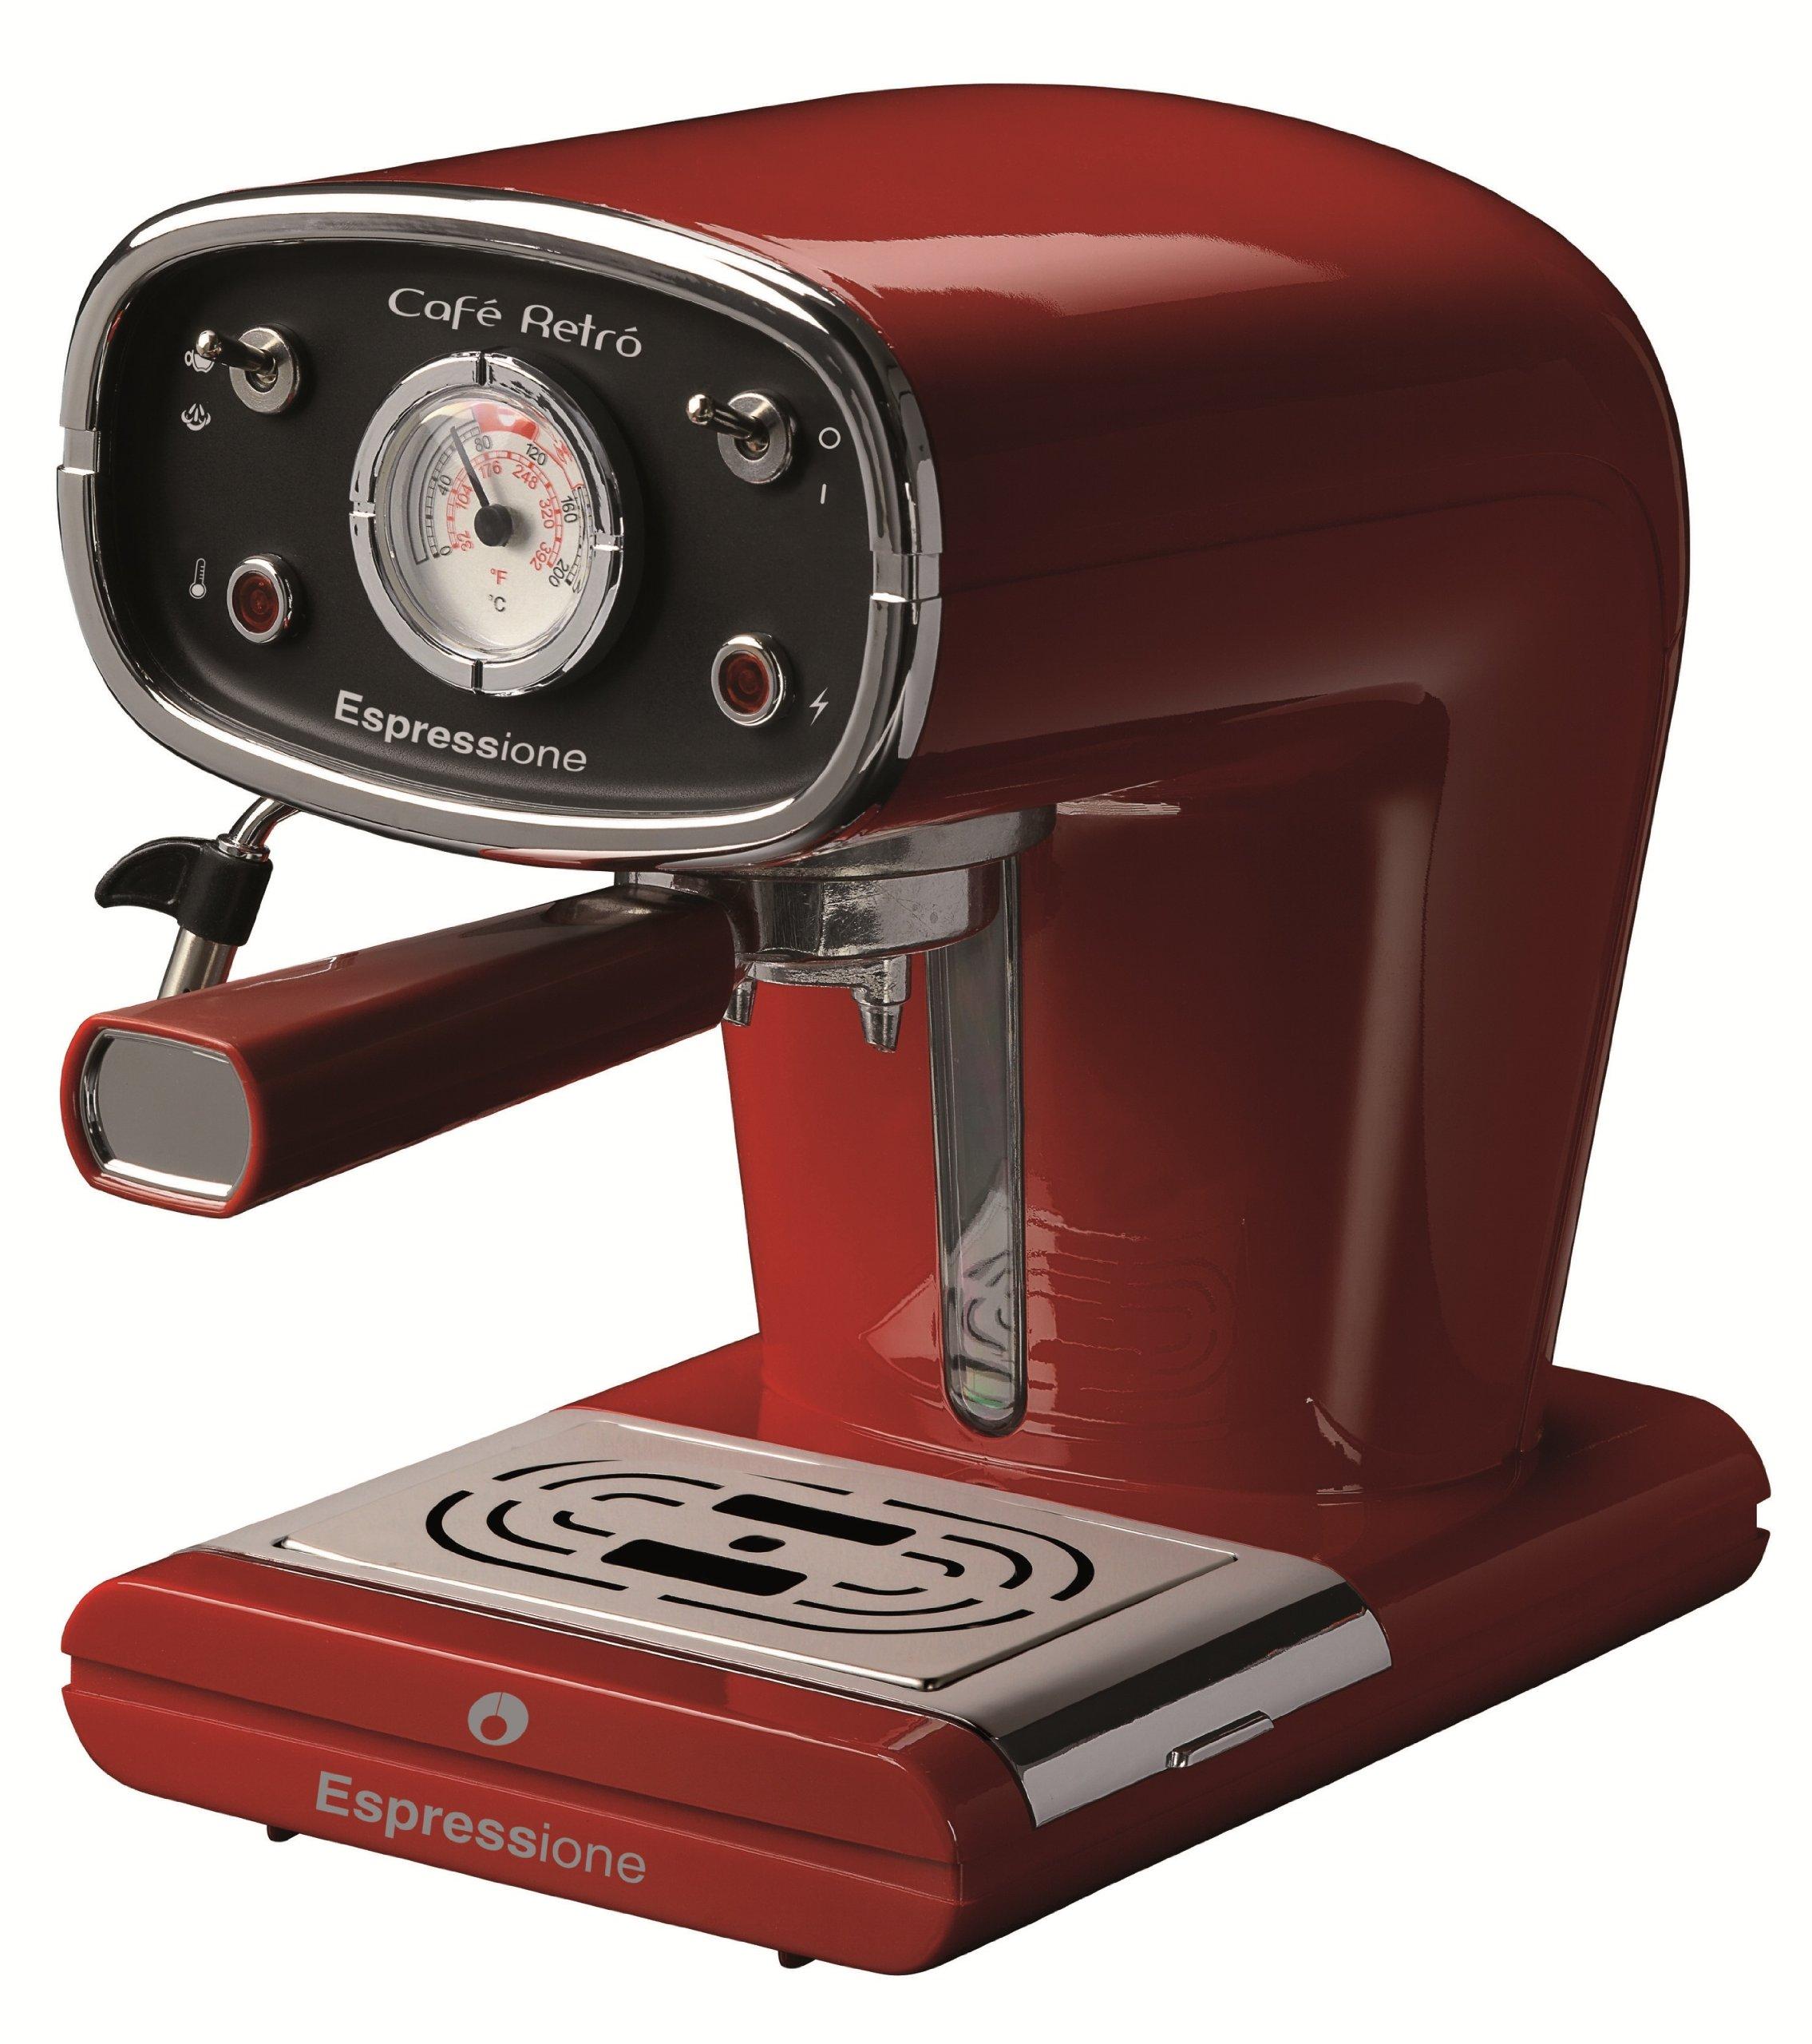 Espressione-Ariete (a company of De'Longhi Group) New Café Retro Espresso Machine, Red